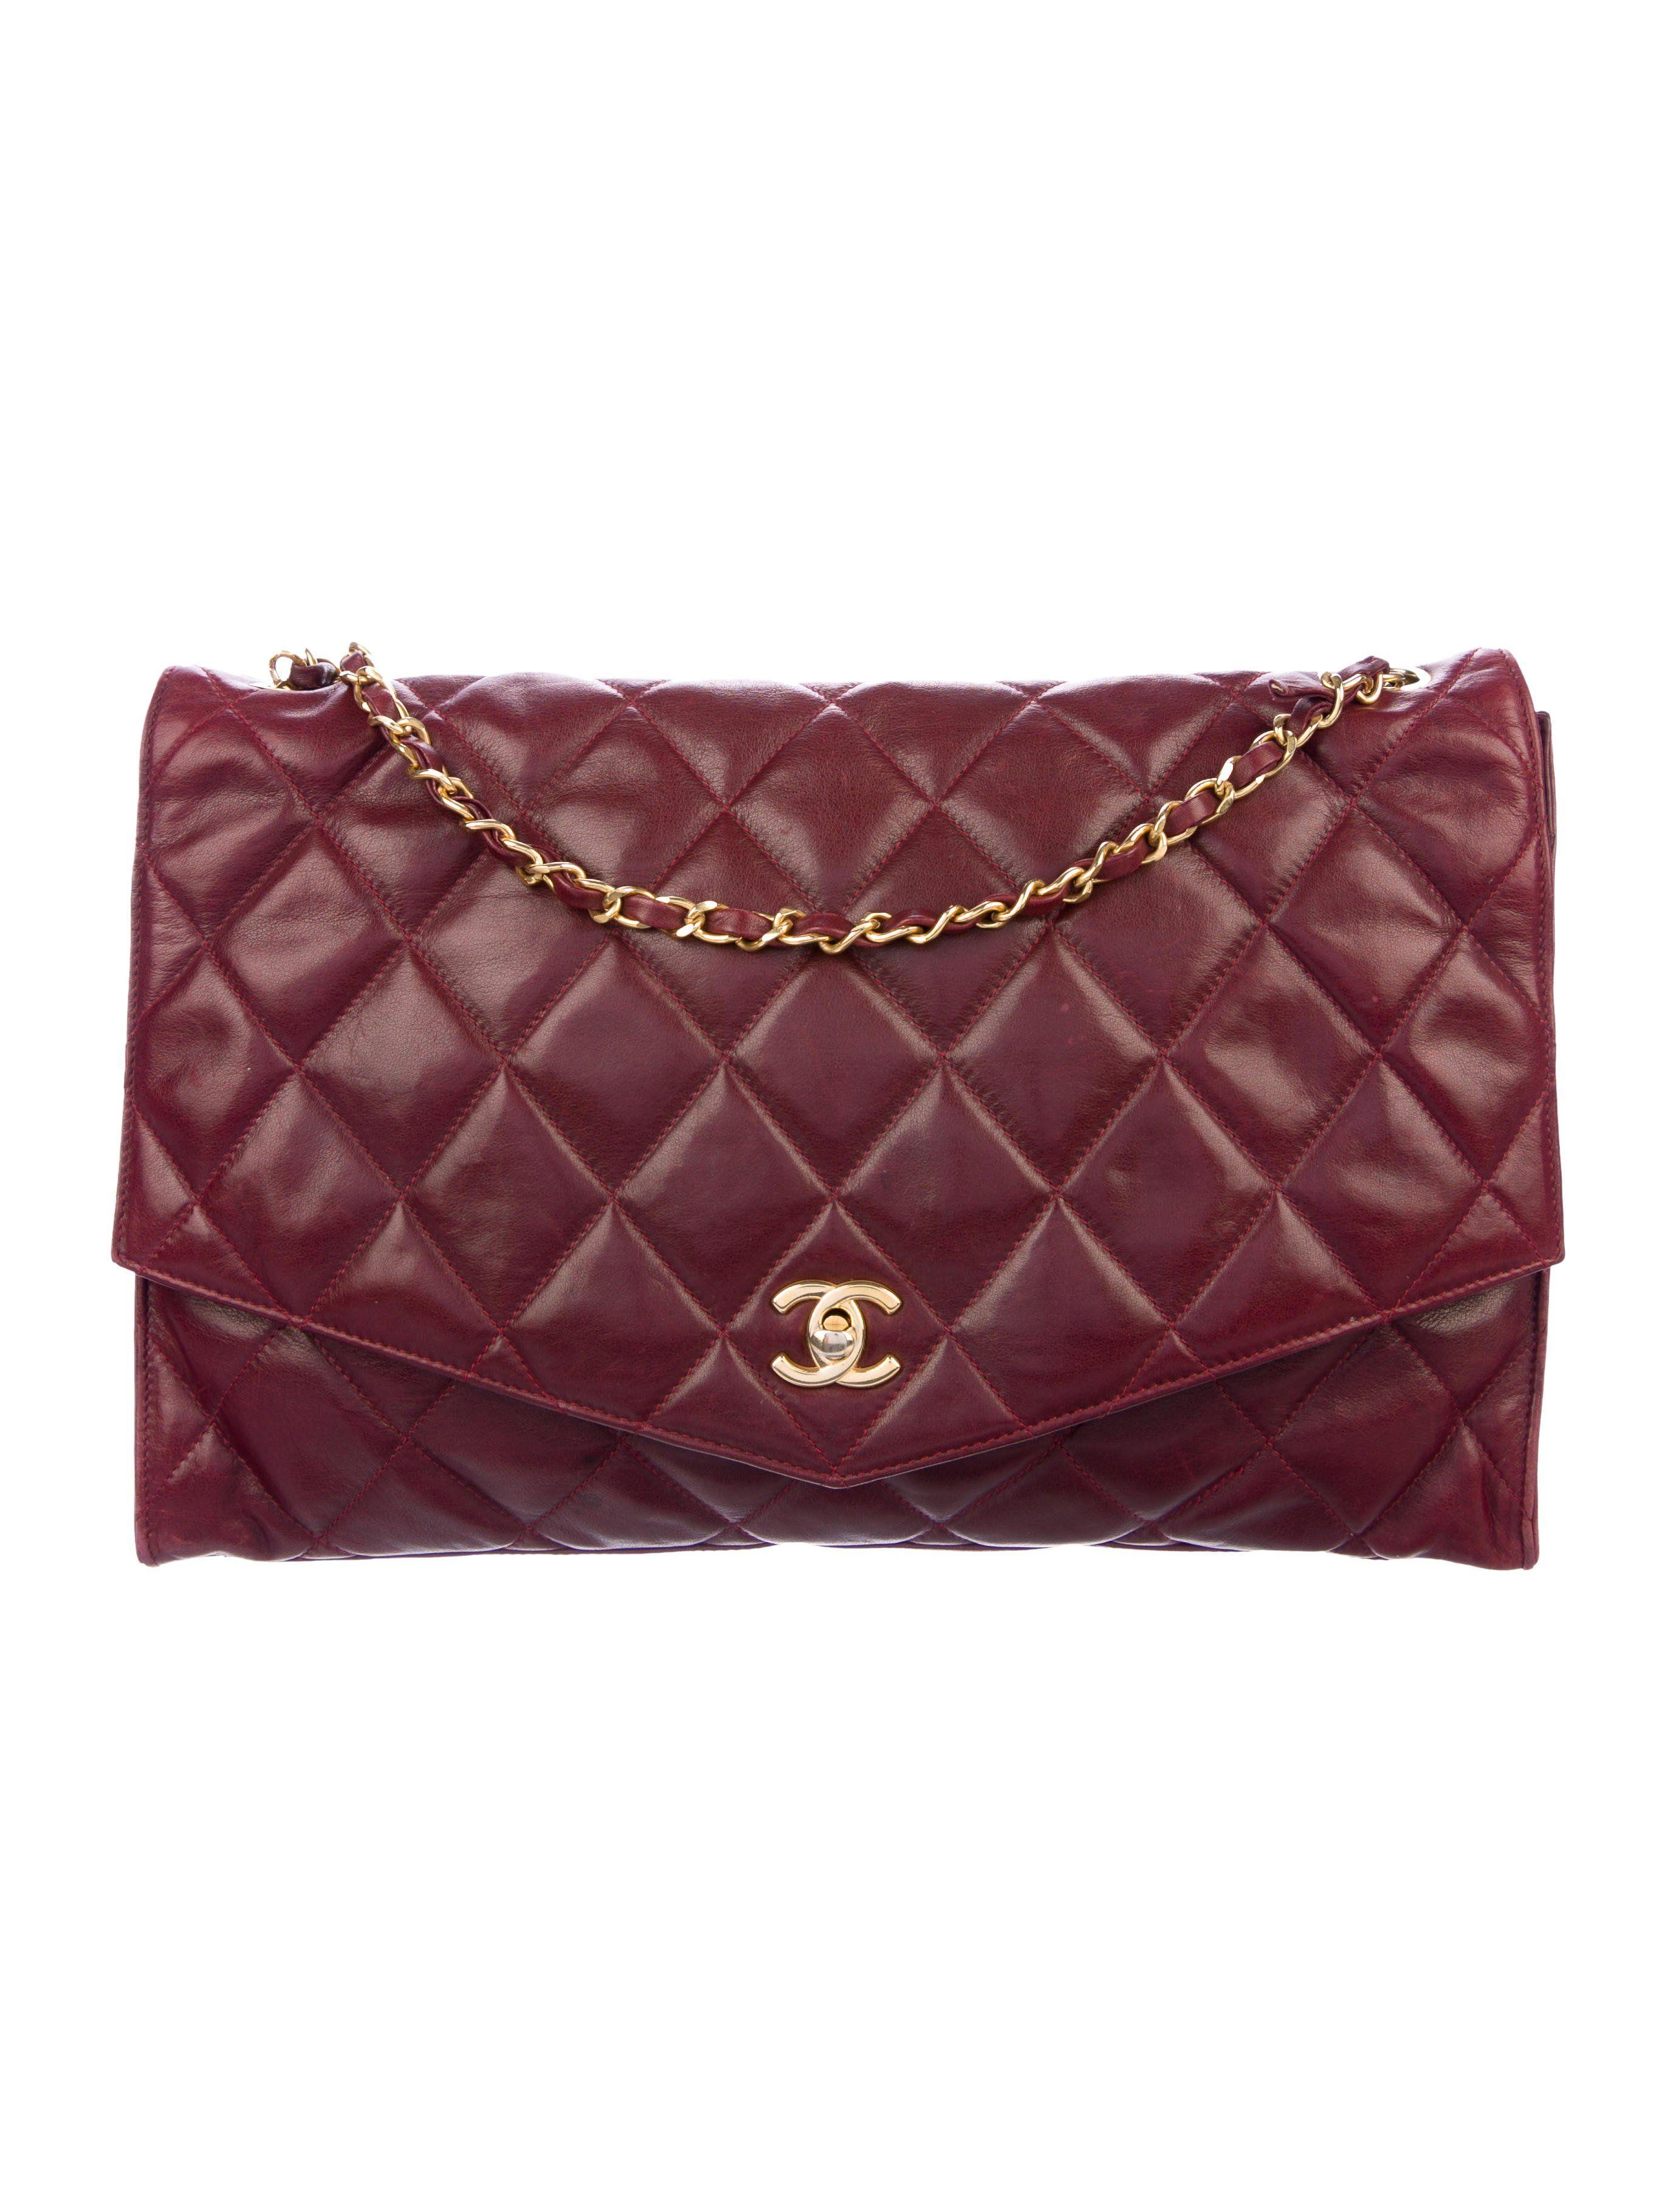 Vintage Quilted Flap Chain Handbag Chanel Shoulder Bag Vintage Chanel Chanel